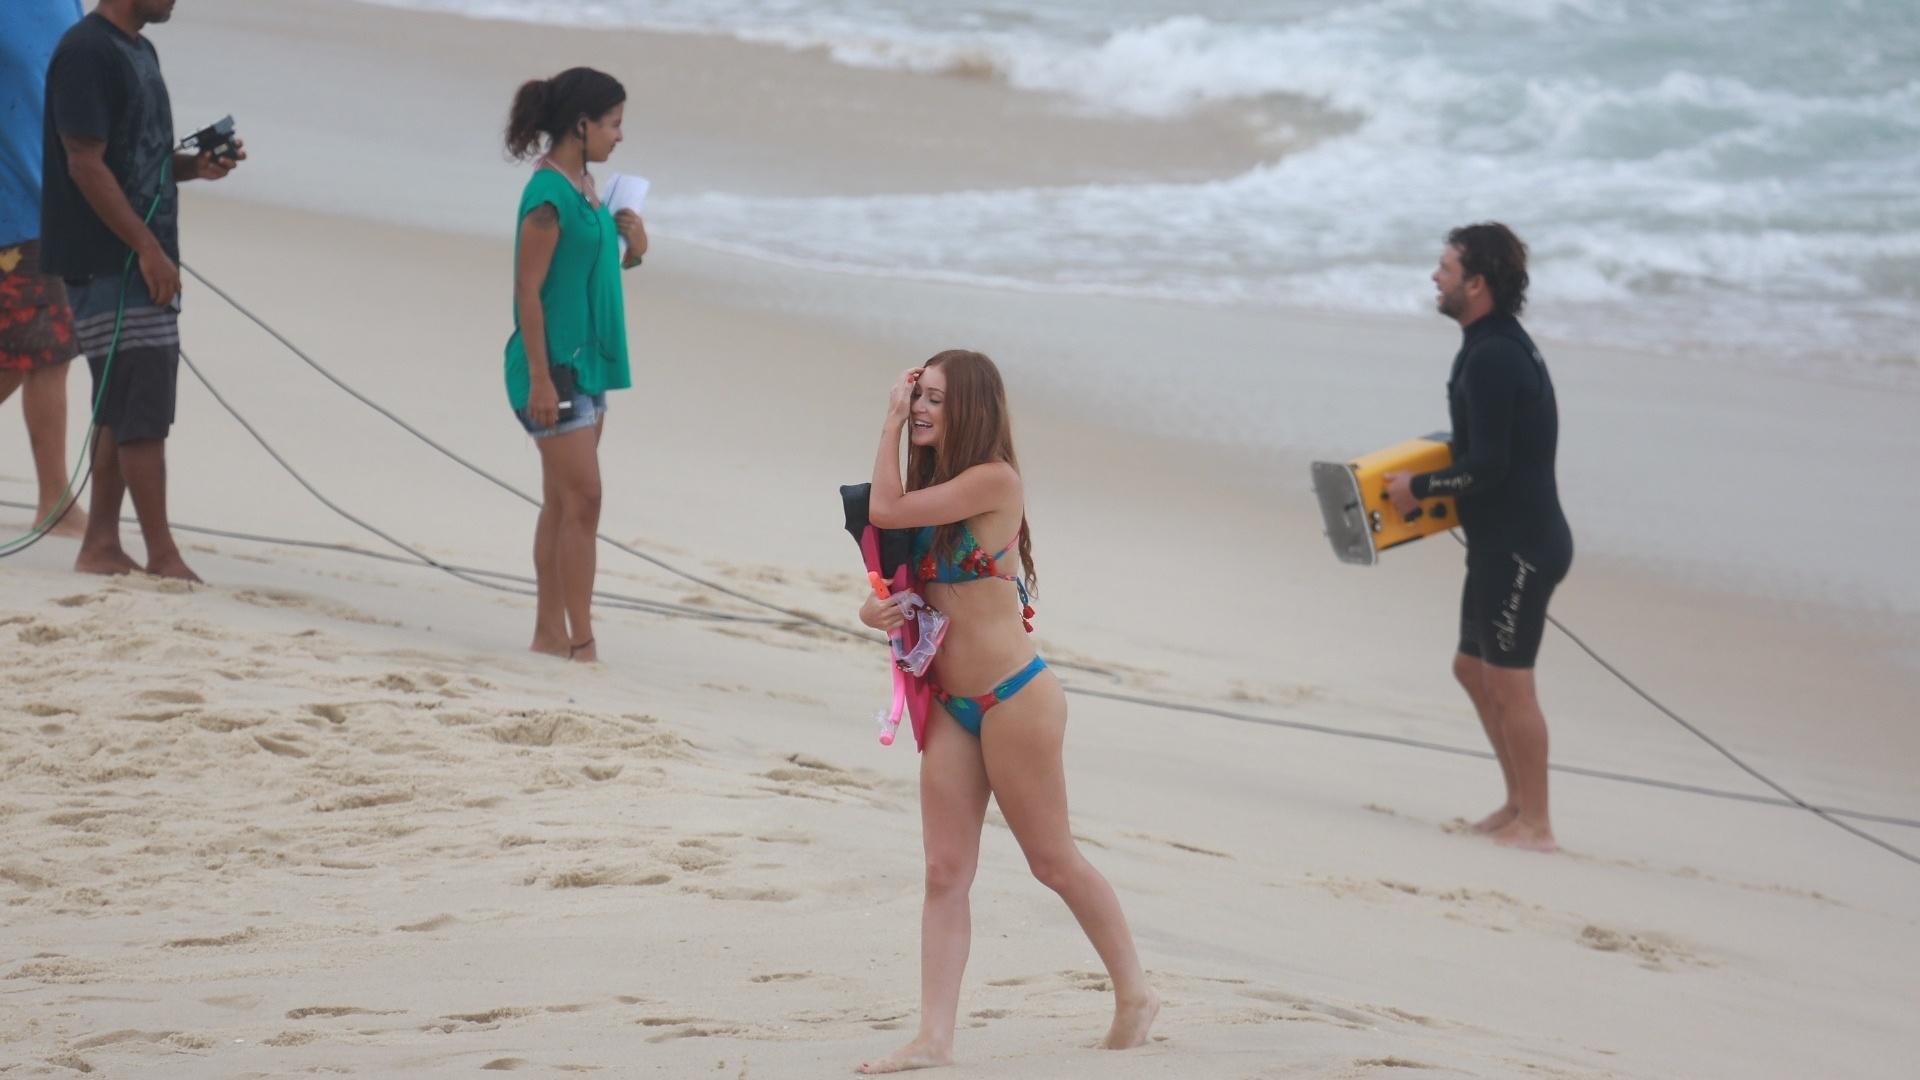 17.fev.2016 - A personagem de Marina Ruy Barbosa, Eliza, não sabe nadar, mas insiste em ser fotografada na praia. Um acidente da ruiva obriga Arthur (Fábio Assunção) a salvá-la